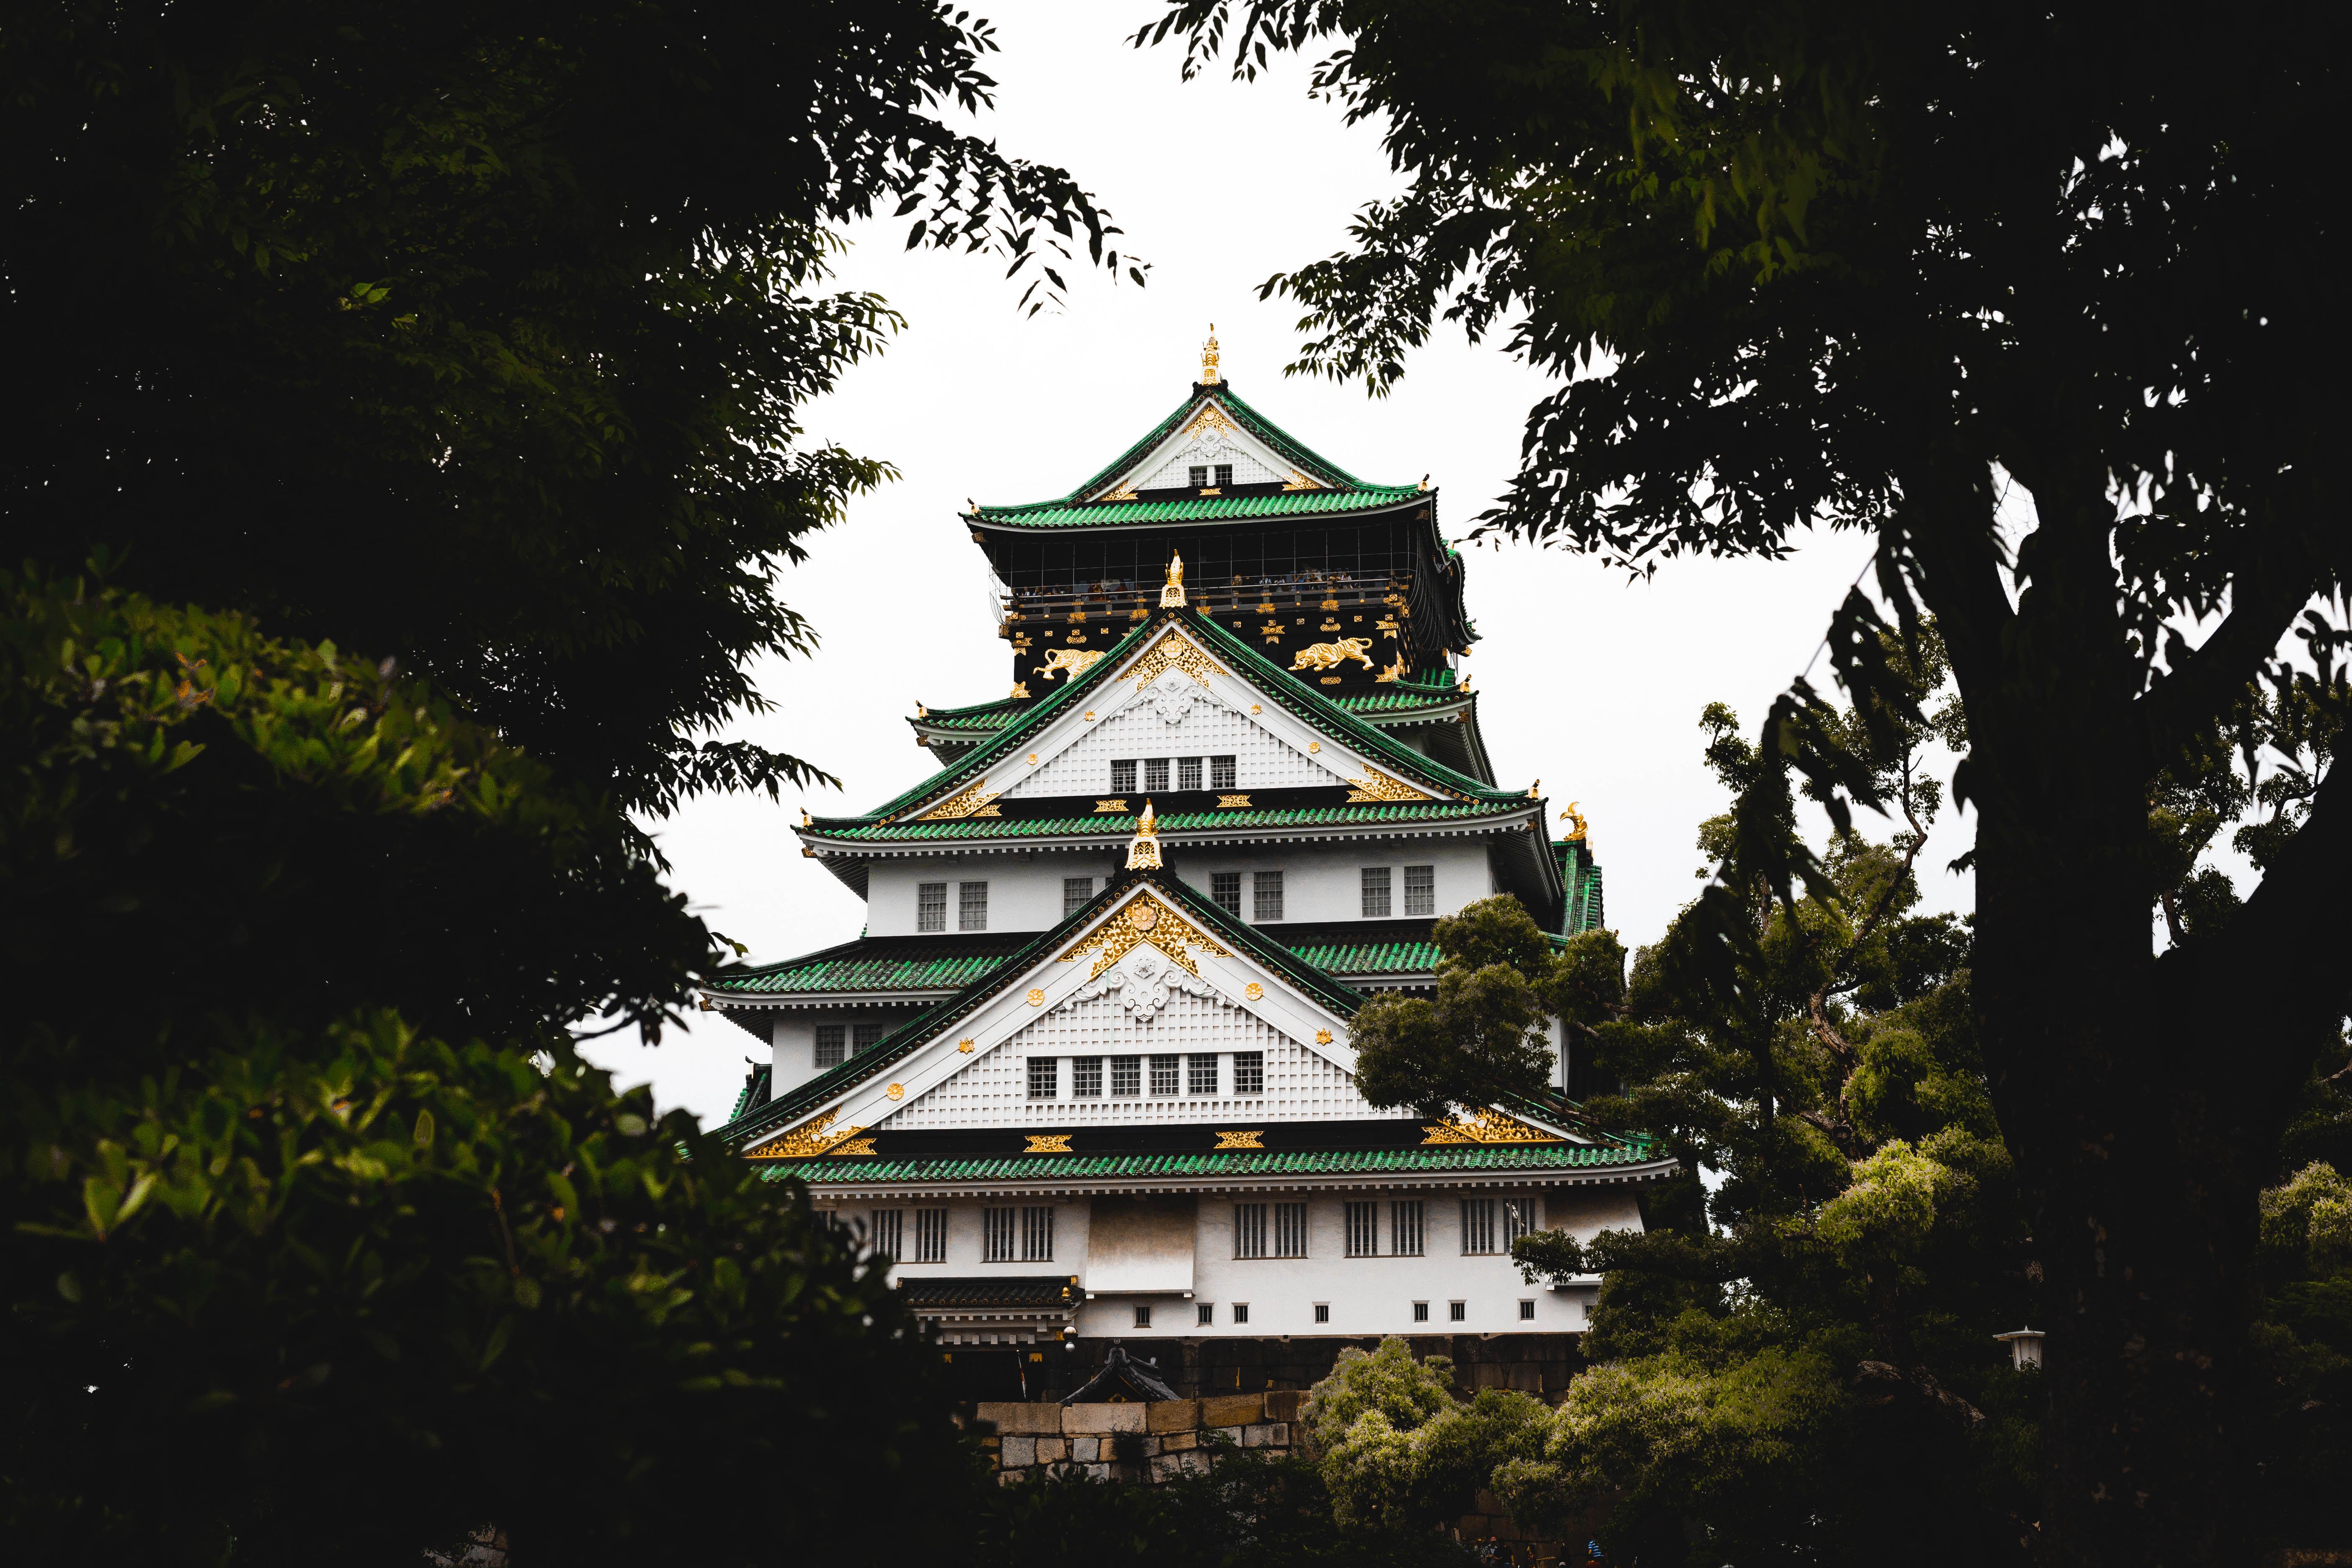 103095 免費下載壁紙 杂项, 宝塔, 建造, 建筑, 寺庙, 神殿, 正面, 立面 屏保和圖片